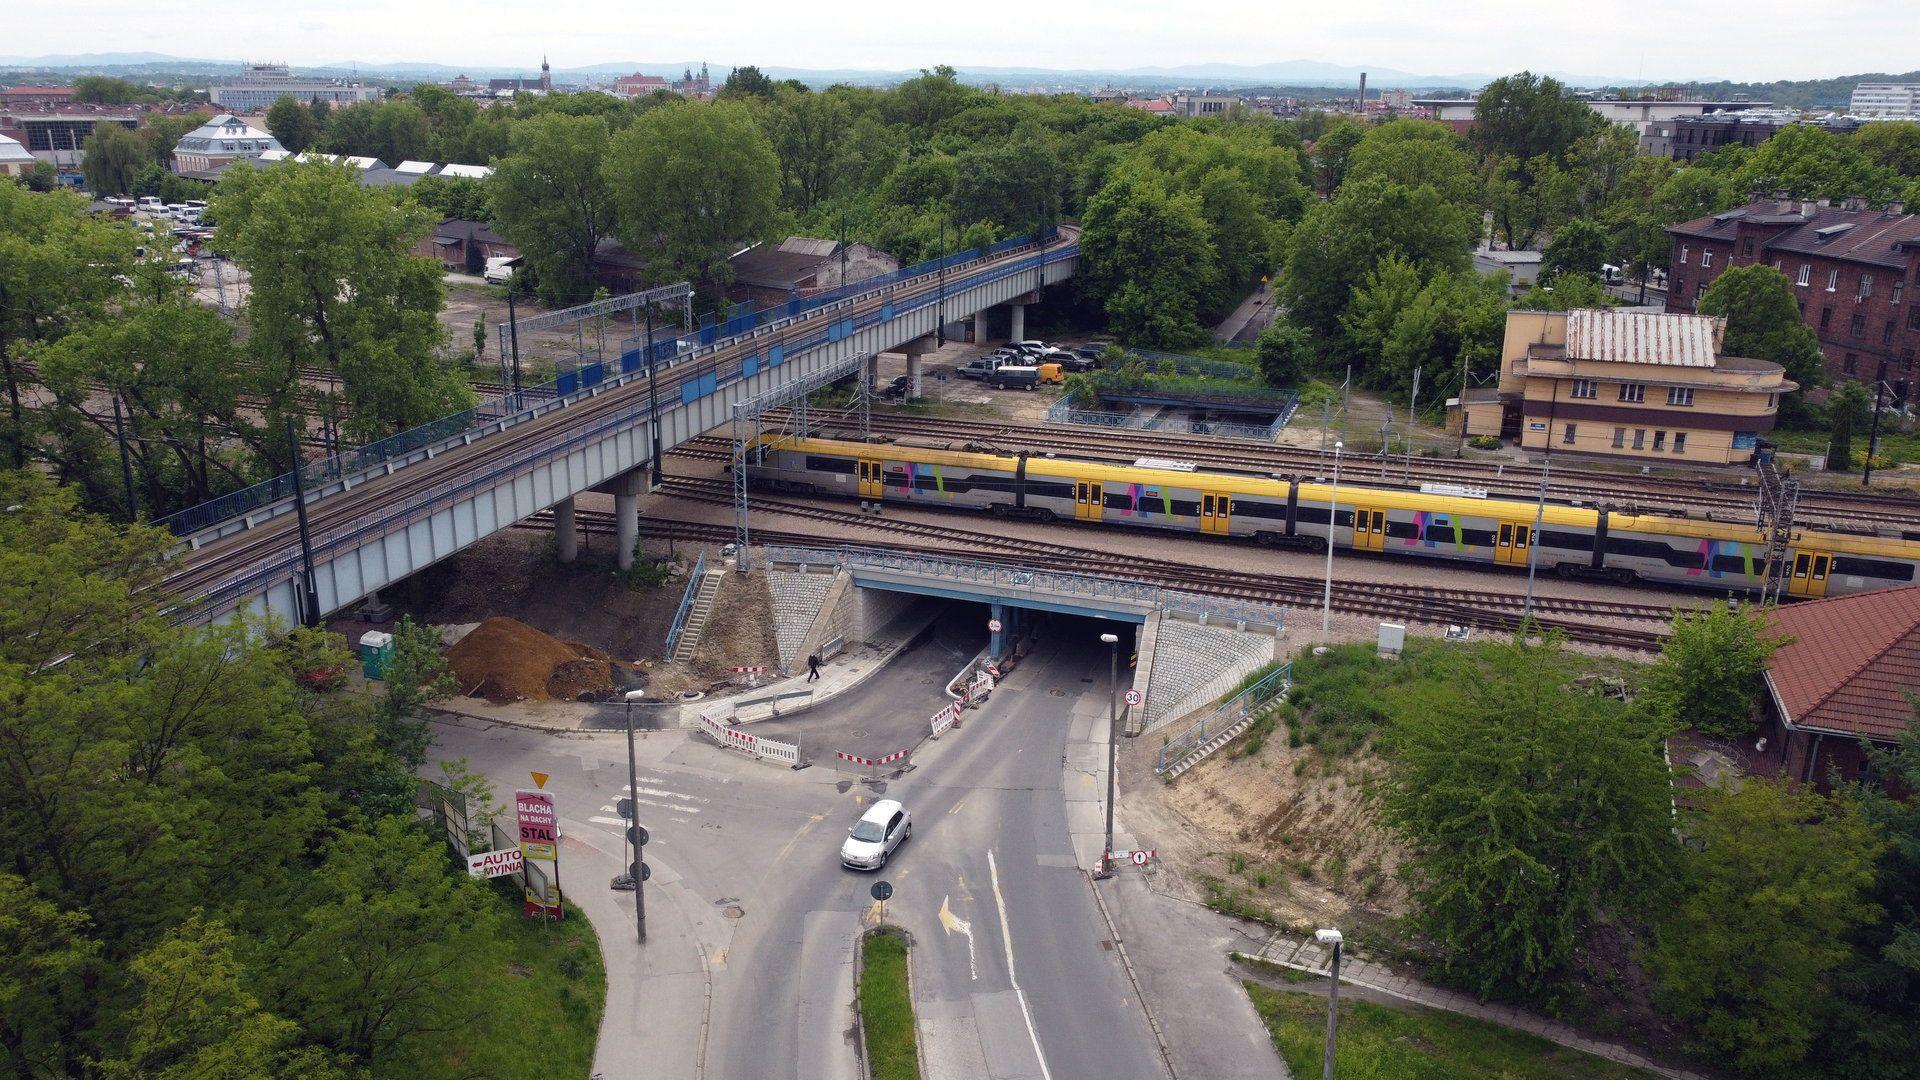 Trwa budowa kolejowej linii średnicowej w centrum Krakowa